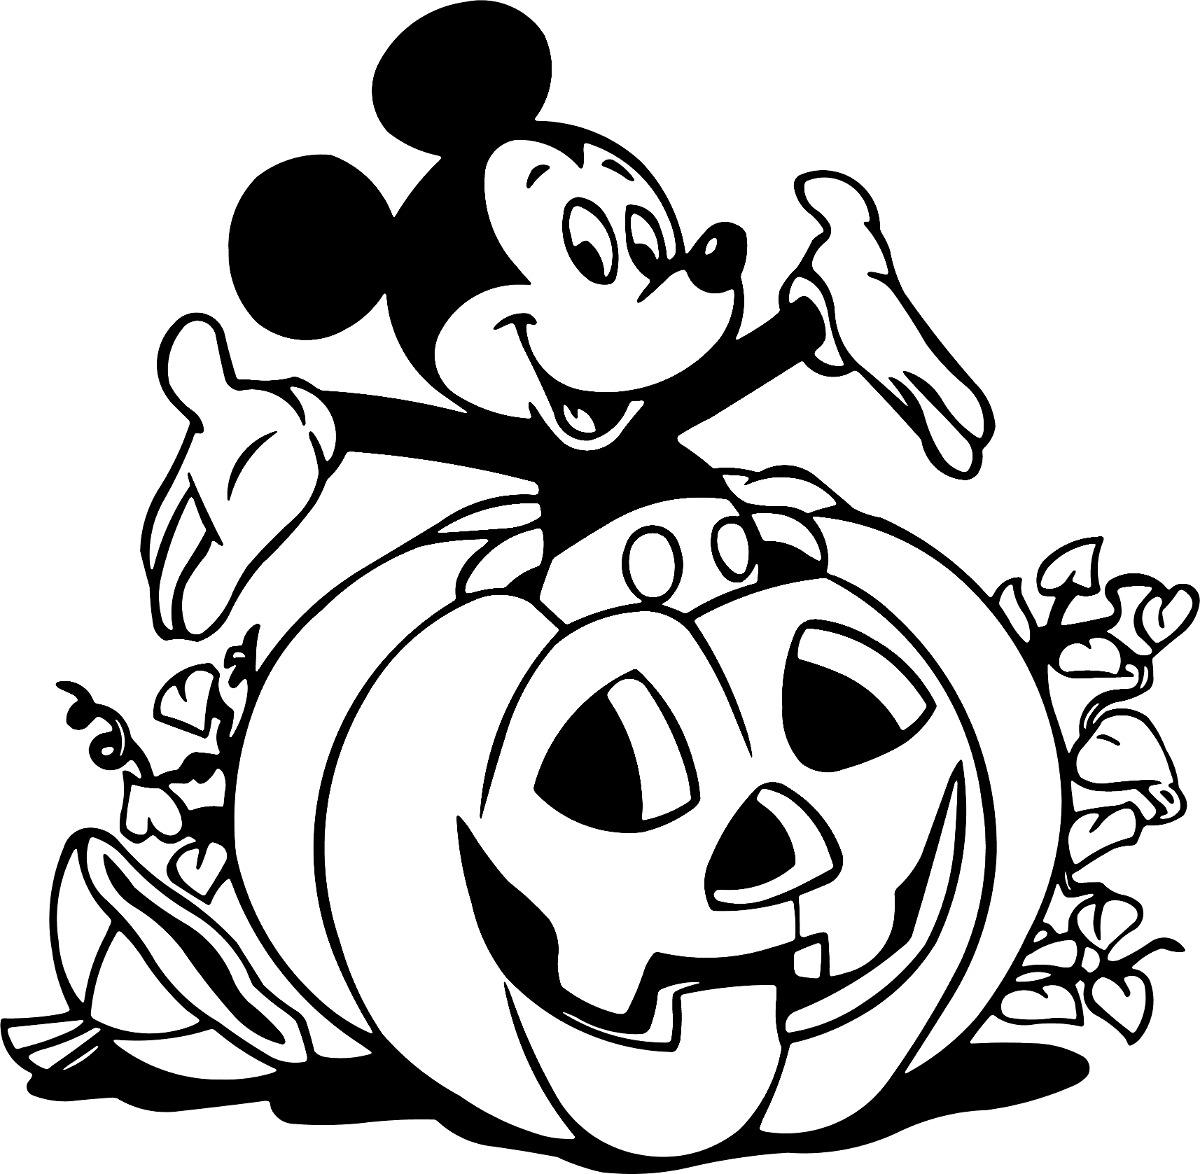 Vinilo Decorativo Mickey Halloween - $ 18.000 En Mercado Libre encequiconcerne Coloriage Mickey A Imprimer